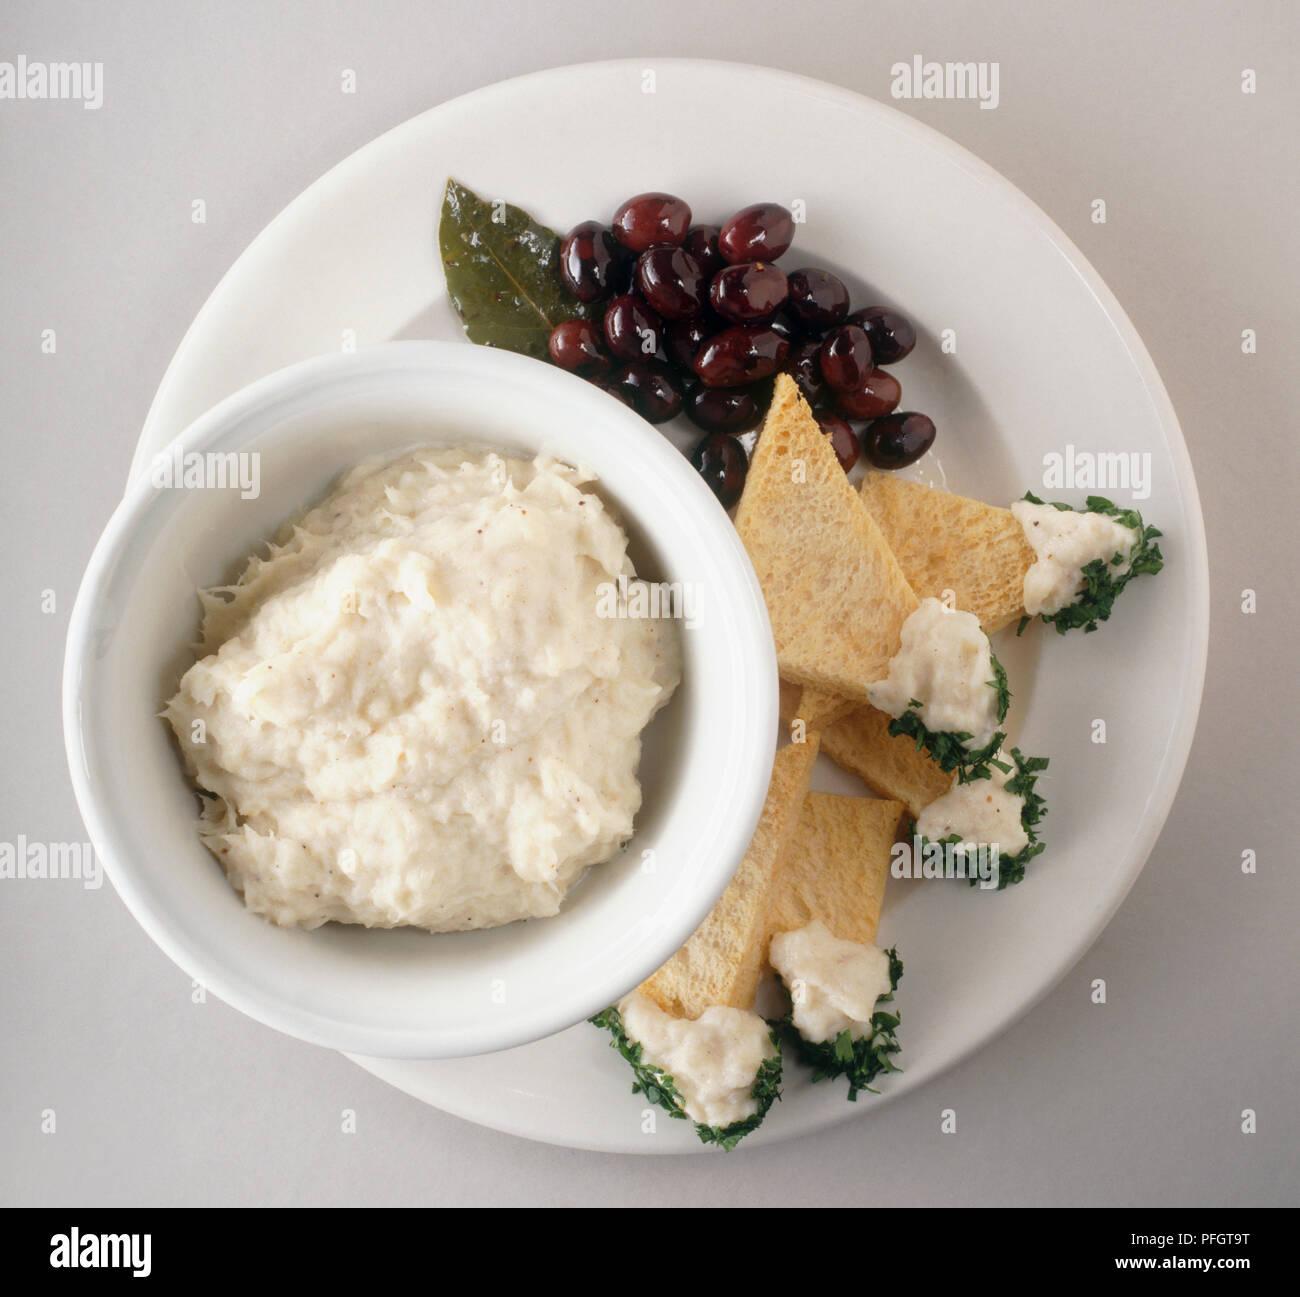 Brandade De Morue A Puree Made From Cod Cream And Garlic Served